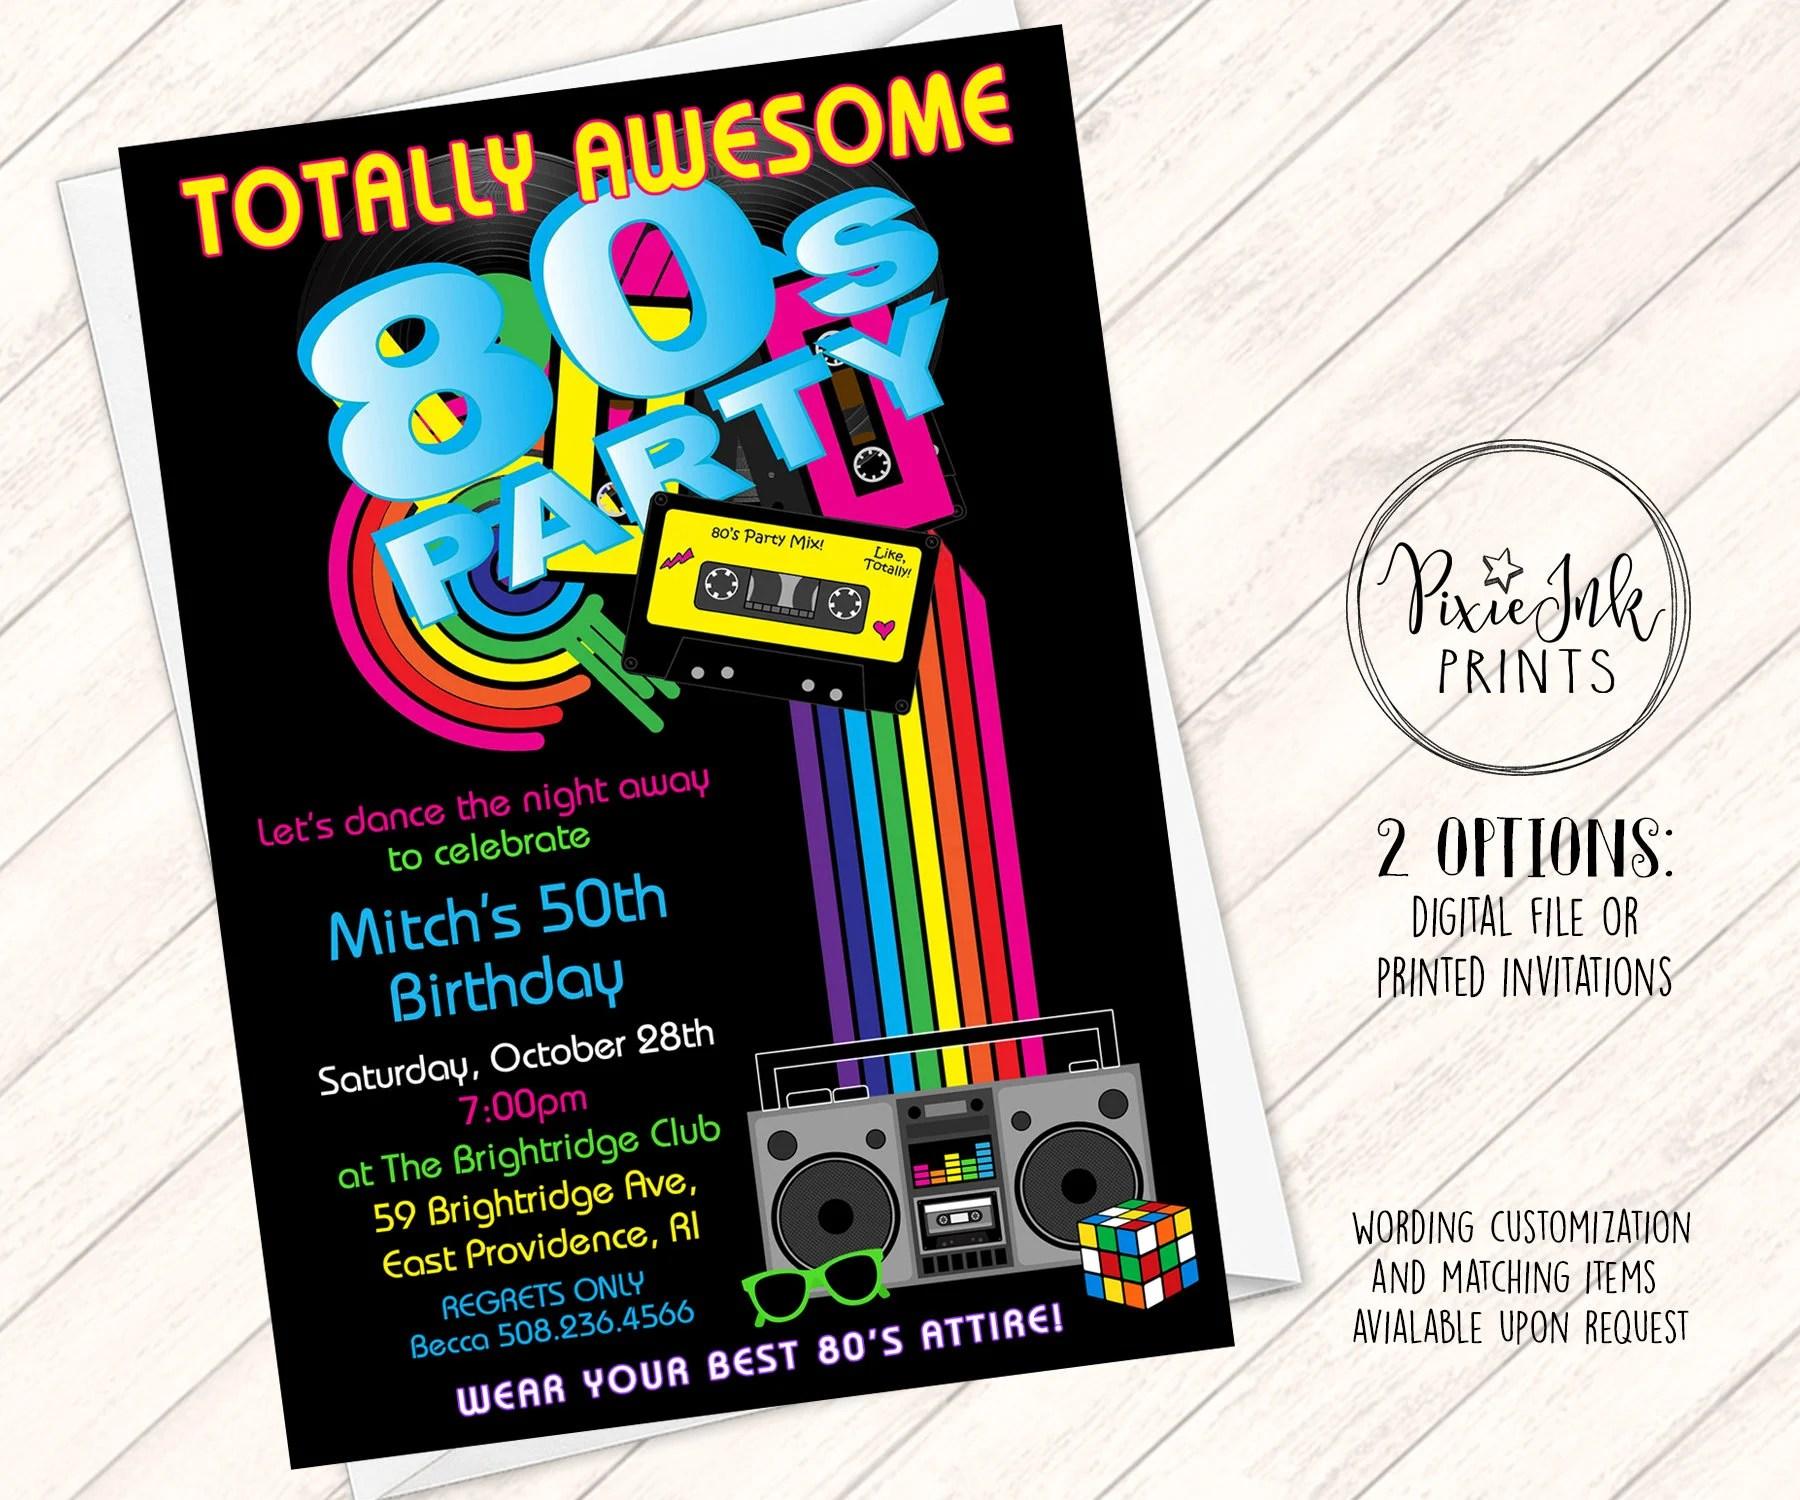 80 s birthday party invitation 80 s party invitation 1980 s birthday invitation 80 s theme eighties party 80 s printable invitation